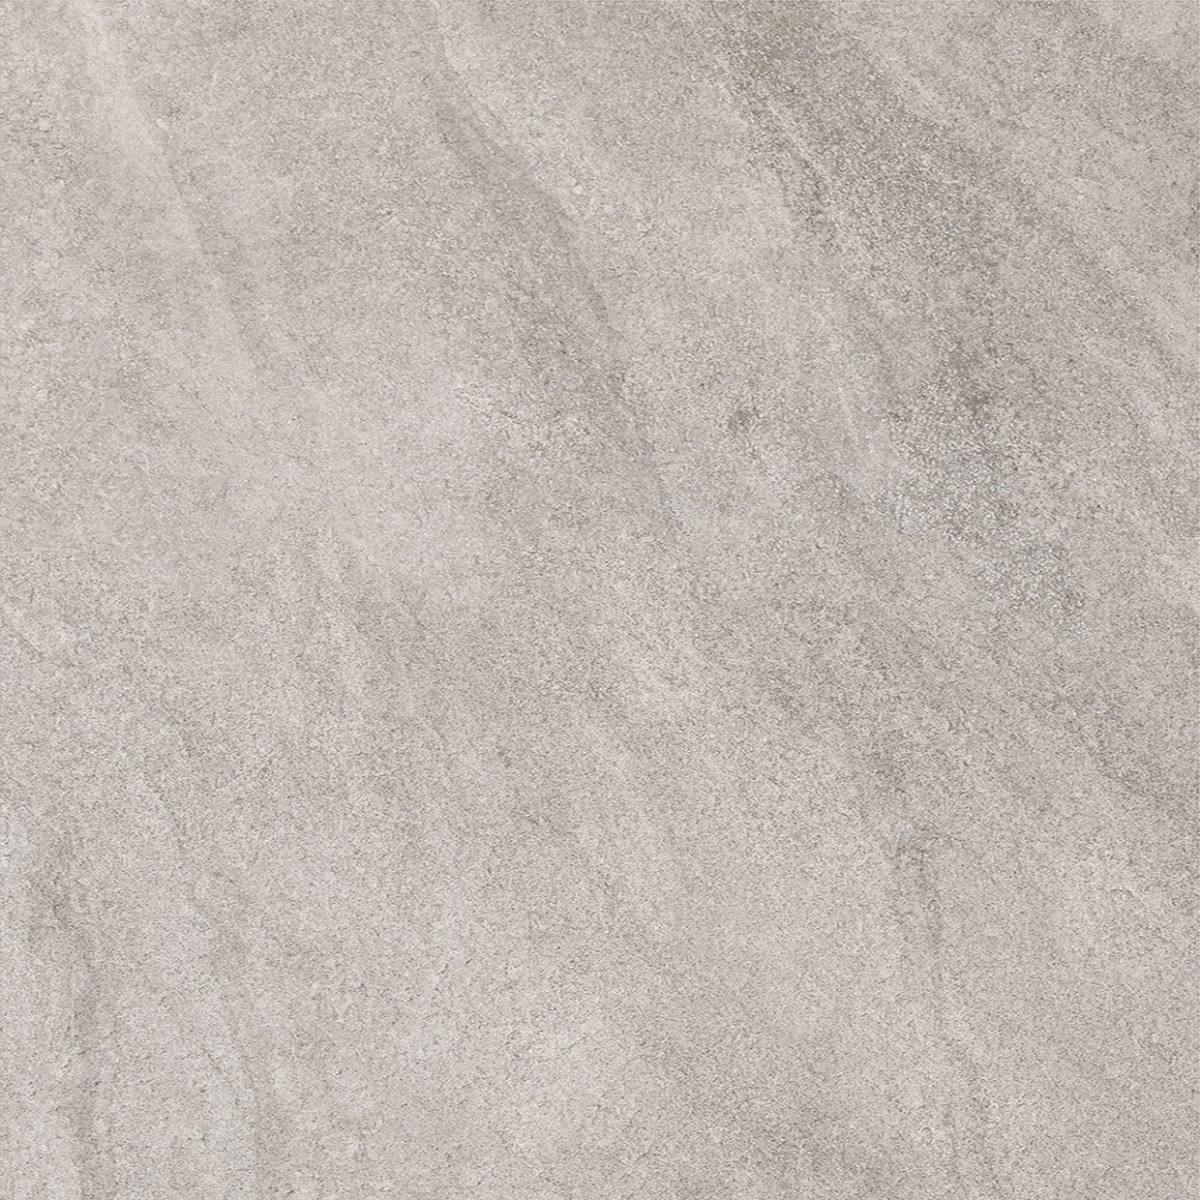 Piso ceramico acadia gray plus 216 00 en mercado libre for Pisos ceramicos en oferta